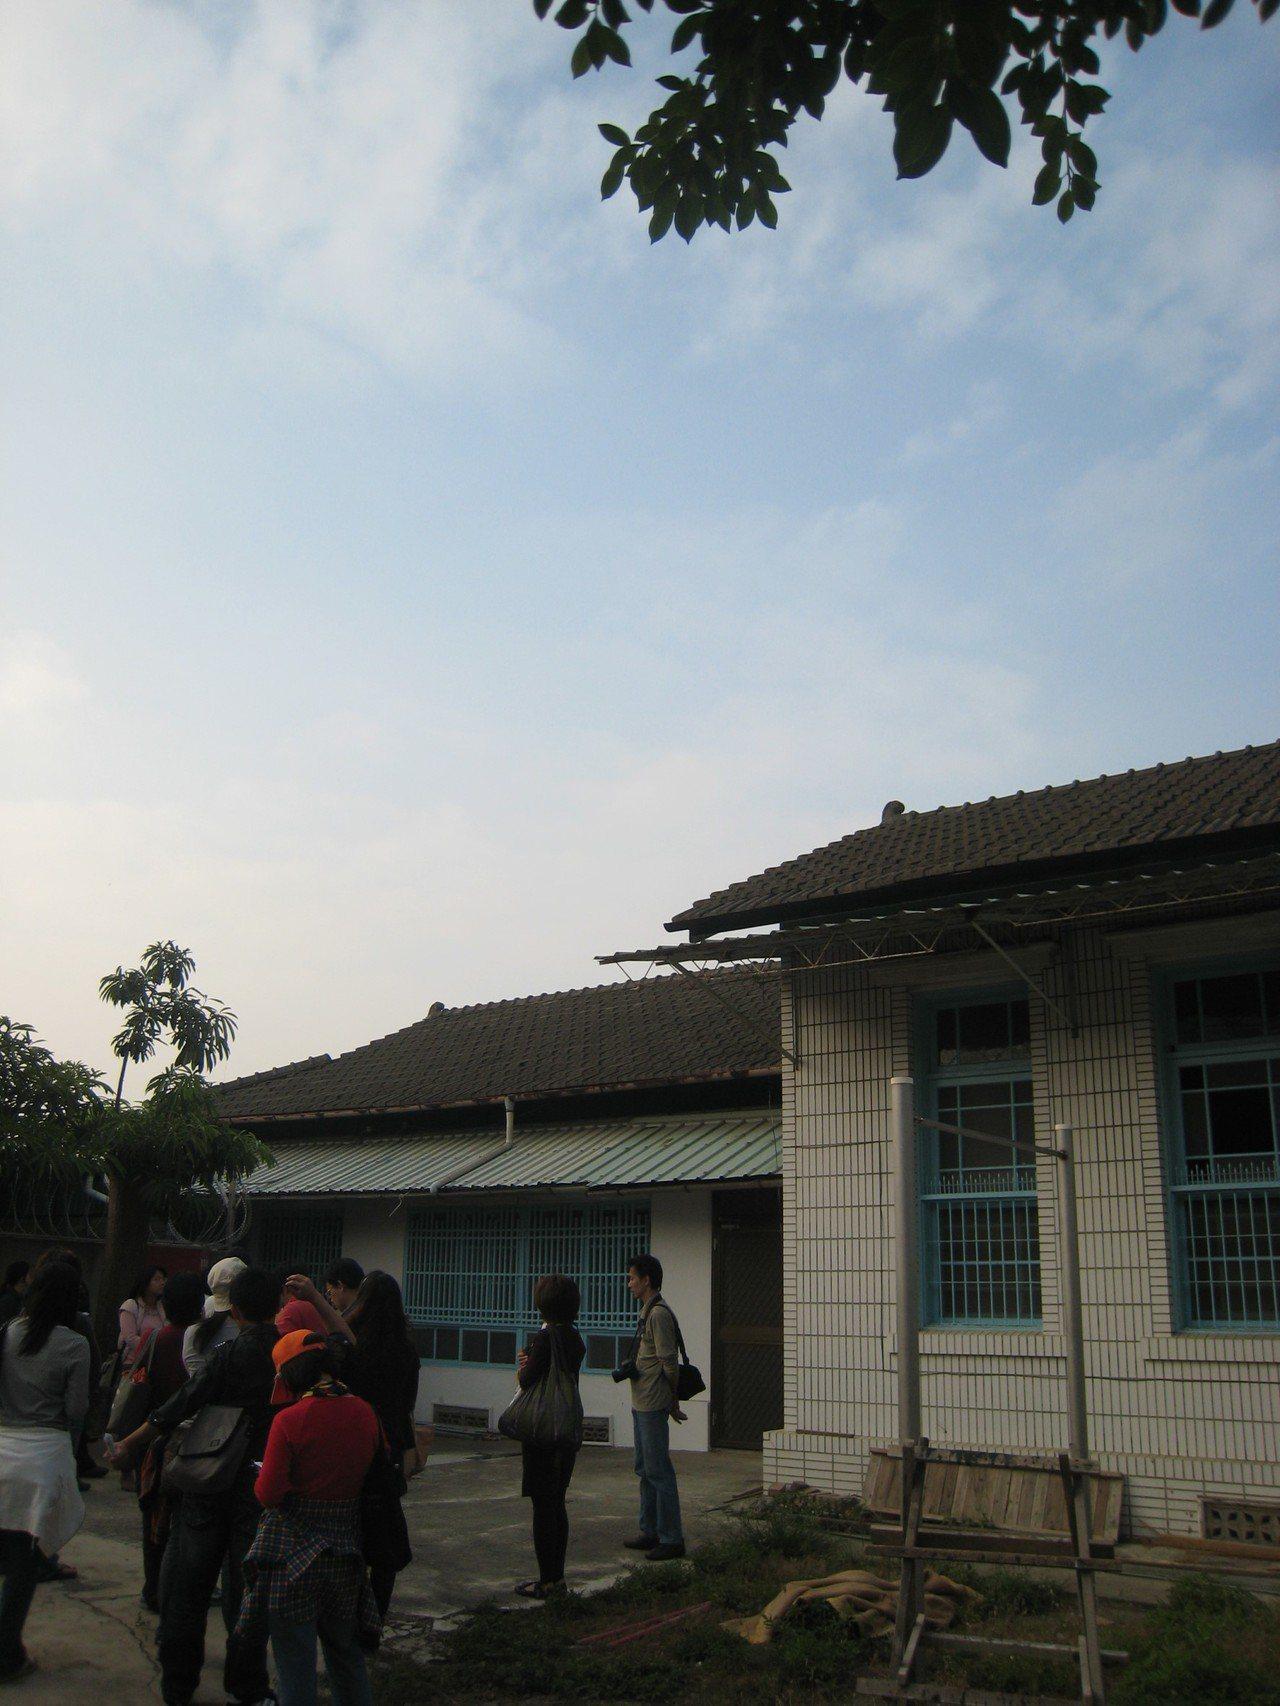 台南市定古蹟台南刑務所中的所長宿舍,有許多後期增建的磚造建物。圖/陳信安提供